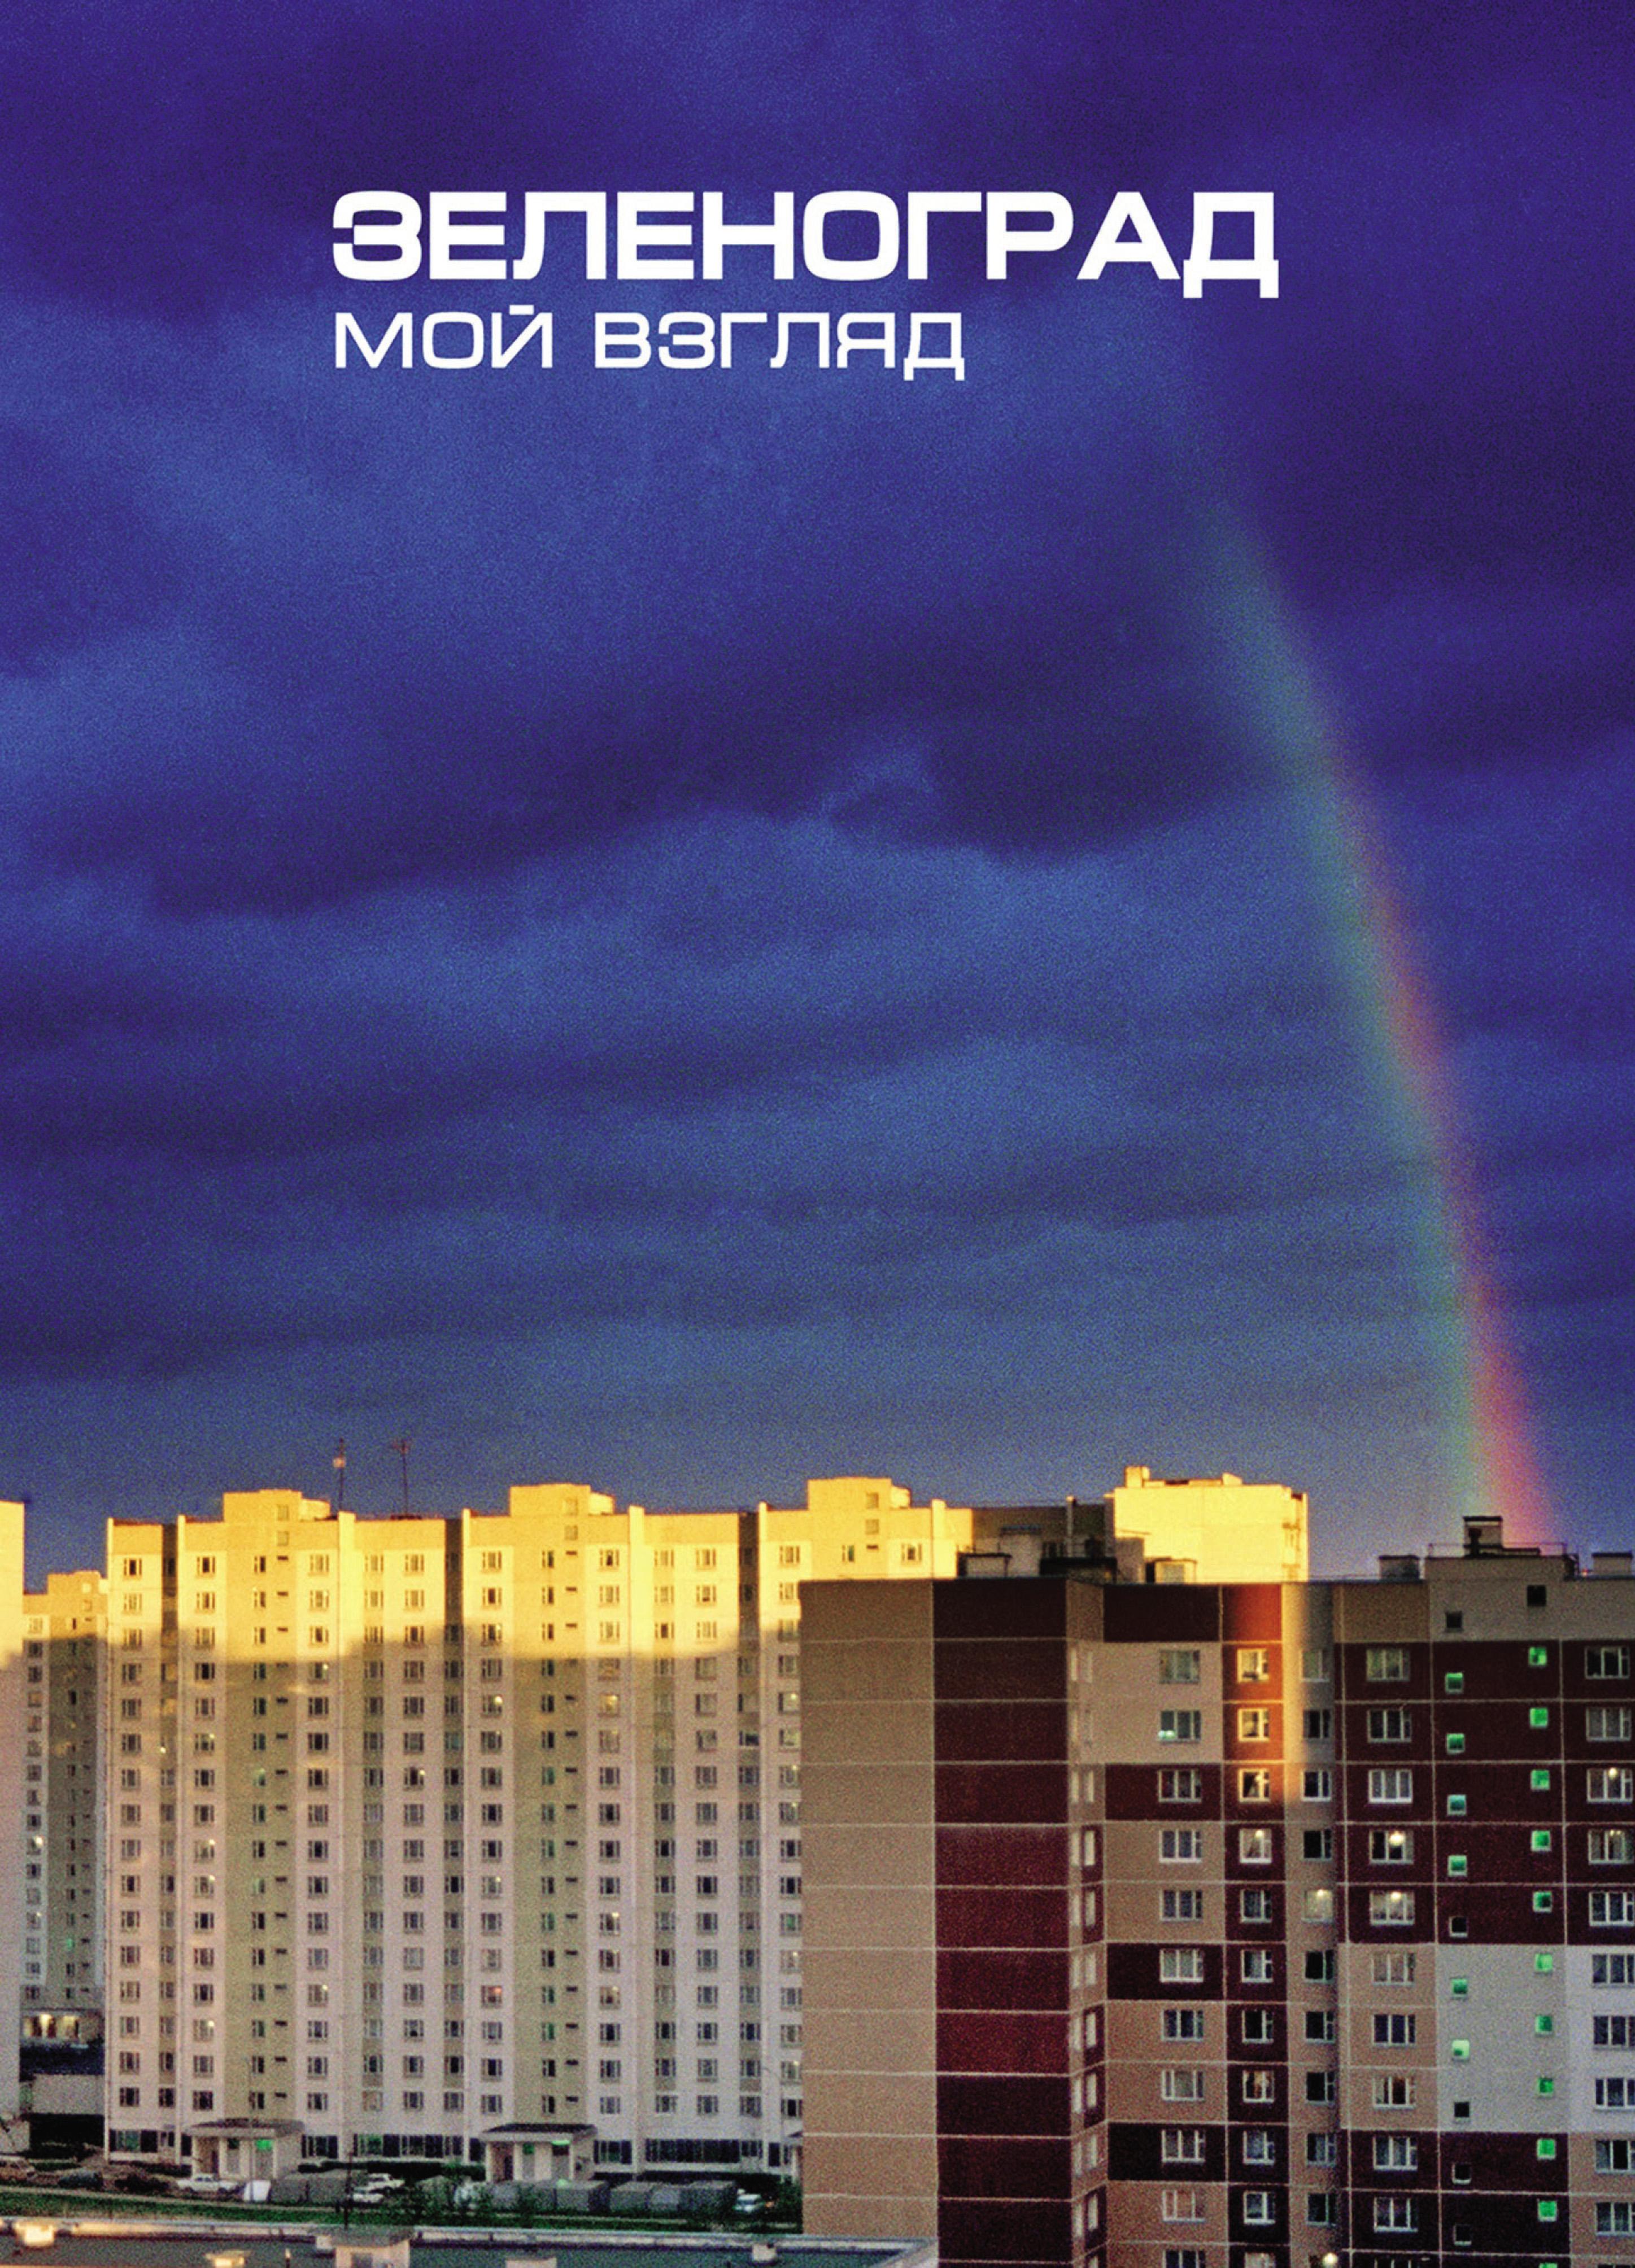 Зеленоград. Мой взляд. Фотоальбом